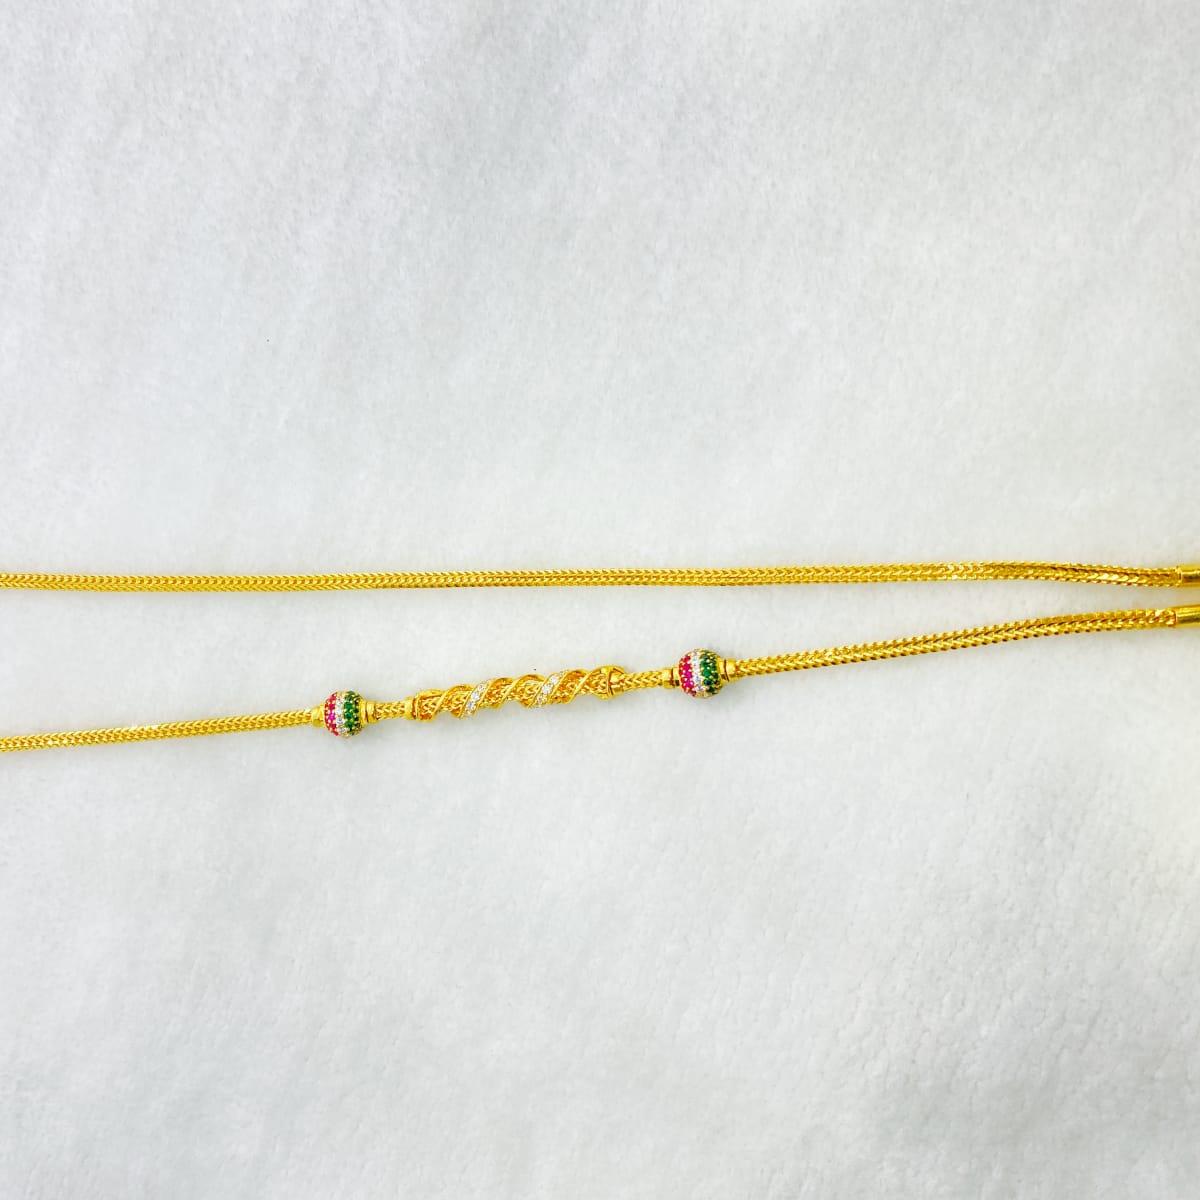 Fancy Long Twist Design Cz Chain Gj0095